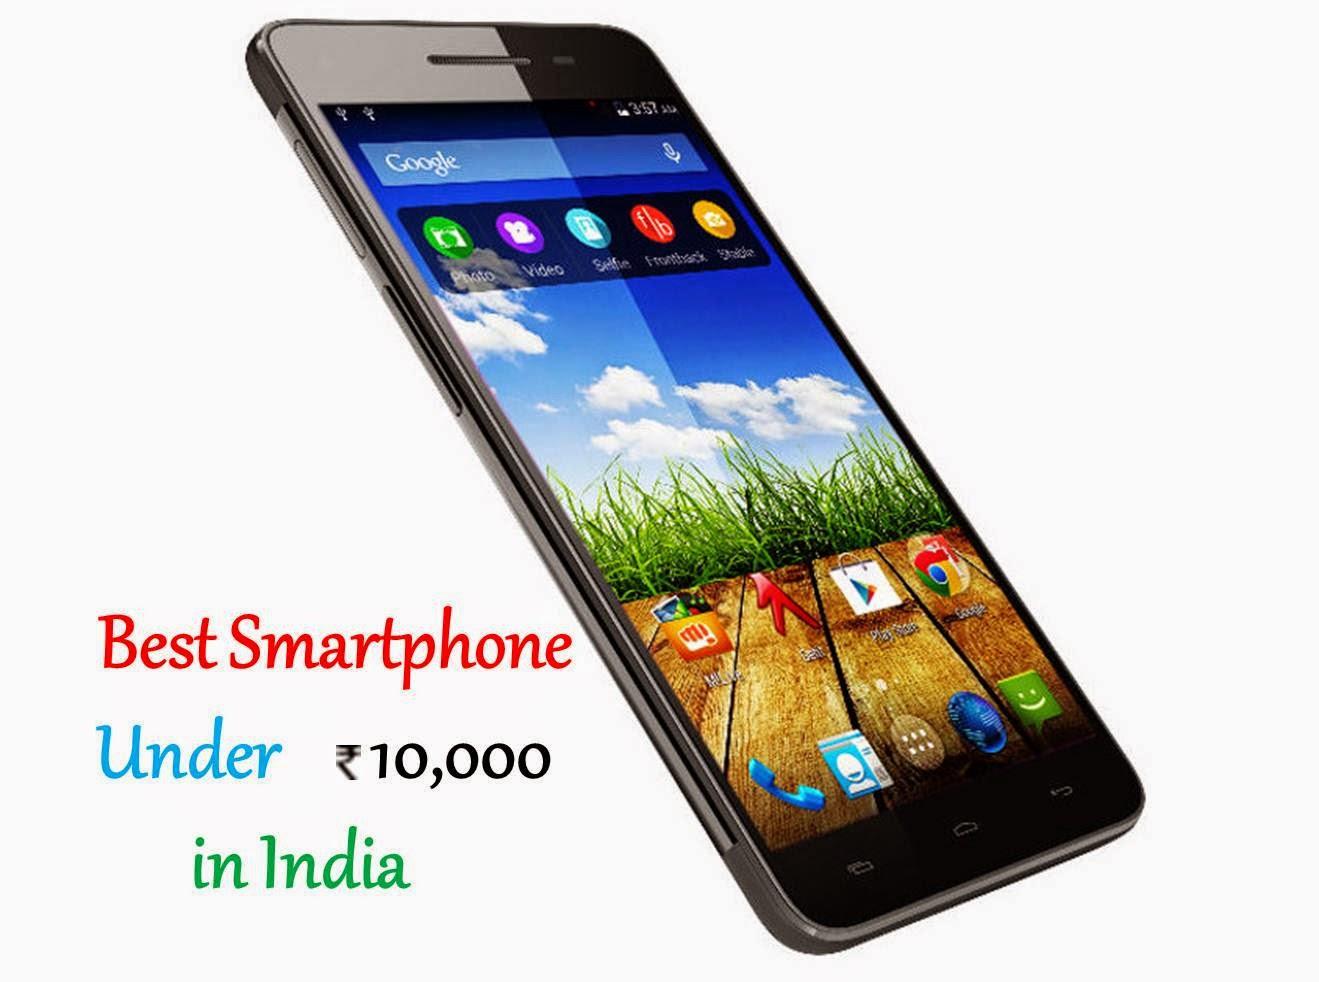 Best Smartphone to buy under 10,000